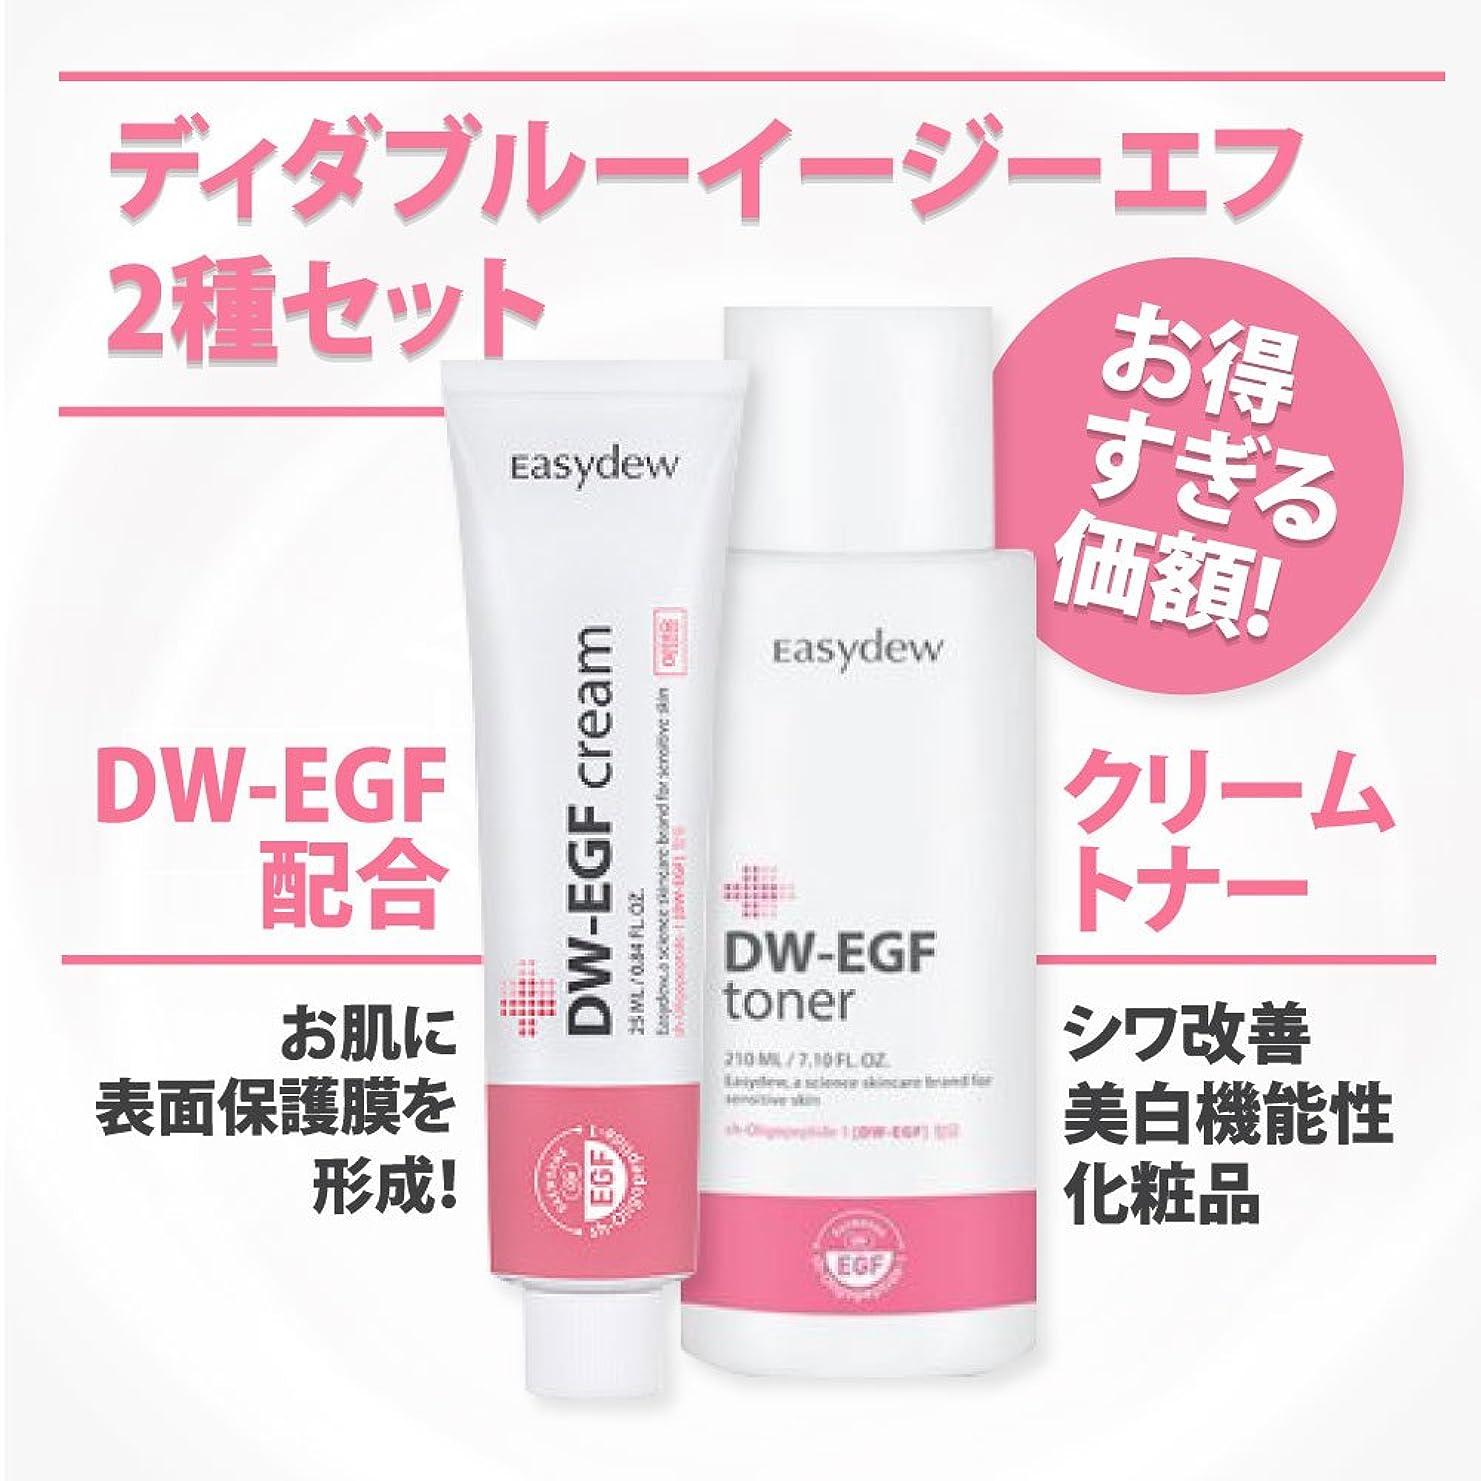 不屈九鼻Easydew DW-EGF 化粧水 210ml クリーム 50ml セット Easydew DW-EGF Toner Cream Set 人気 スキンケア セット